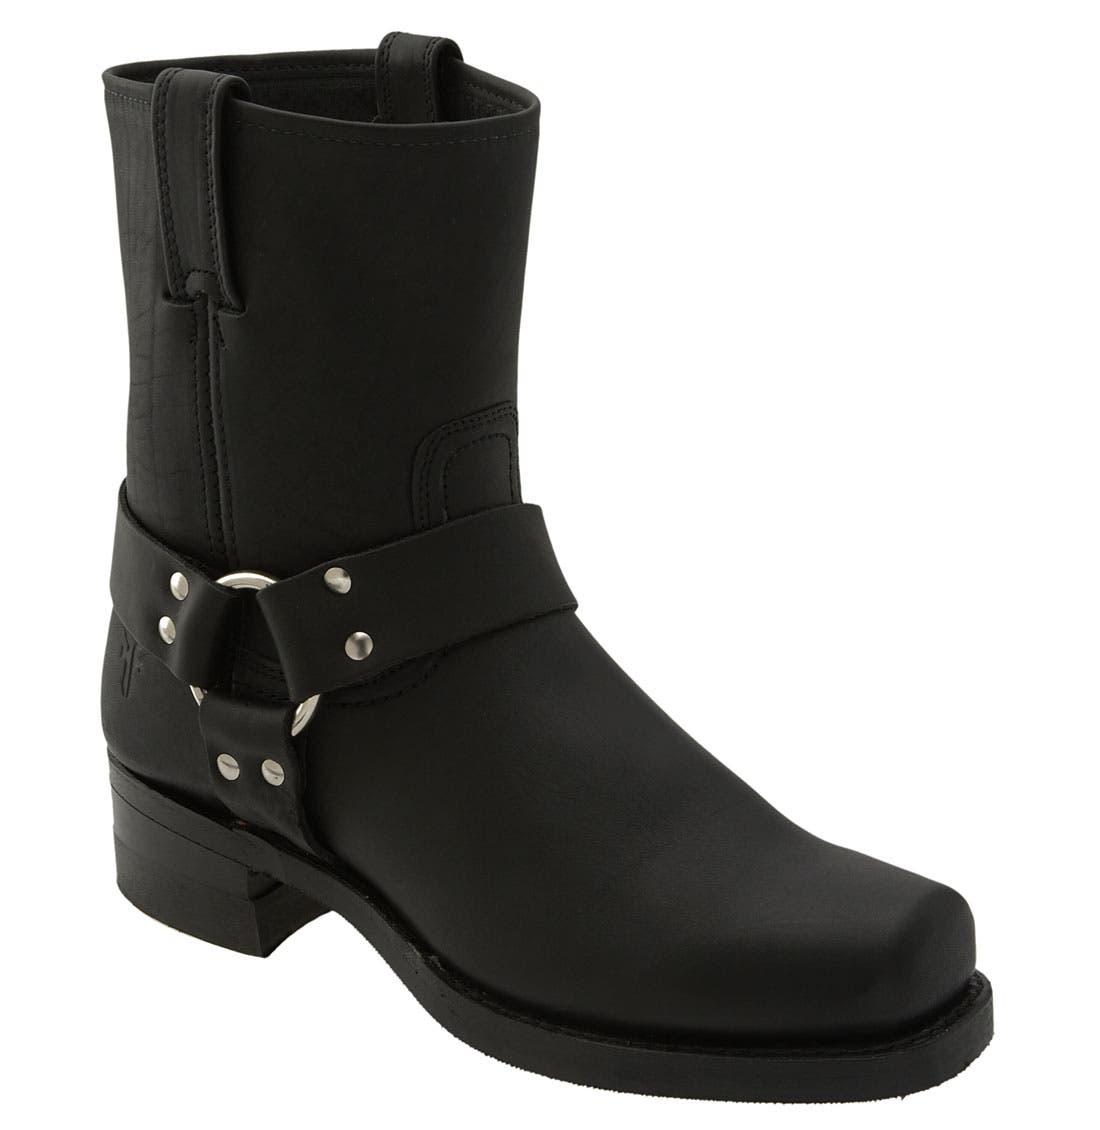 0415b152e34e Frye  Harness 8R  Boot